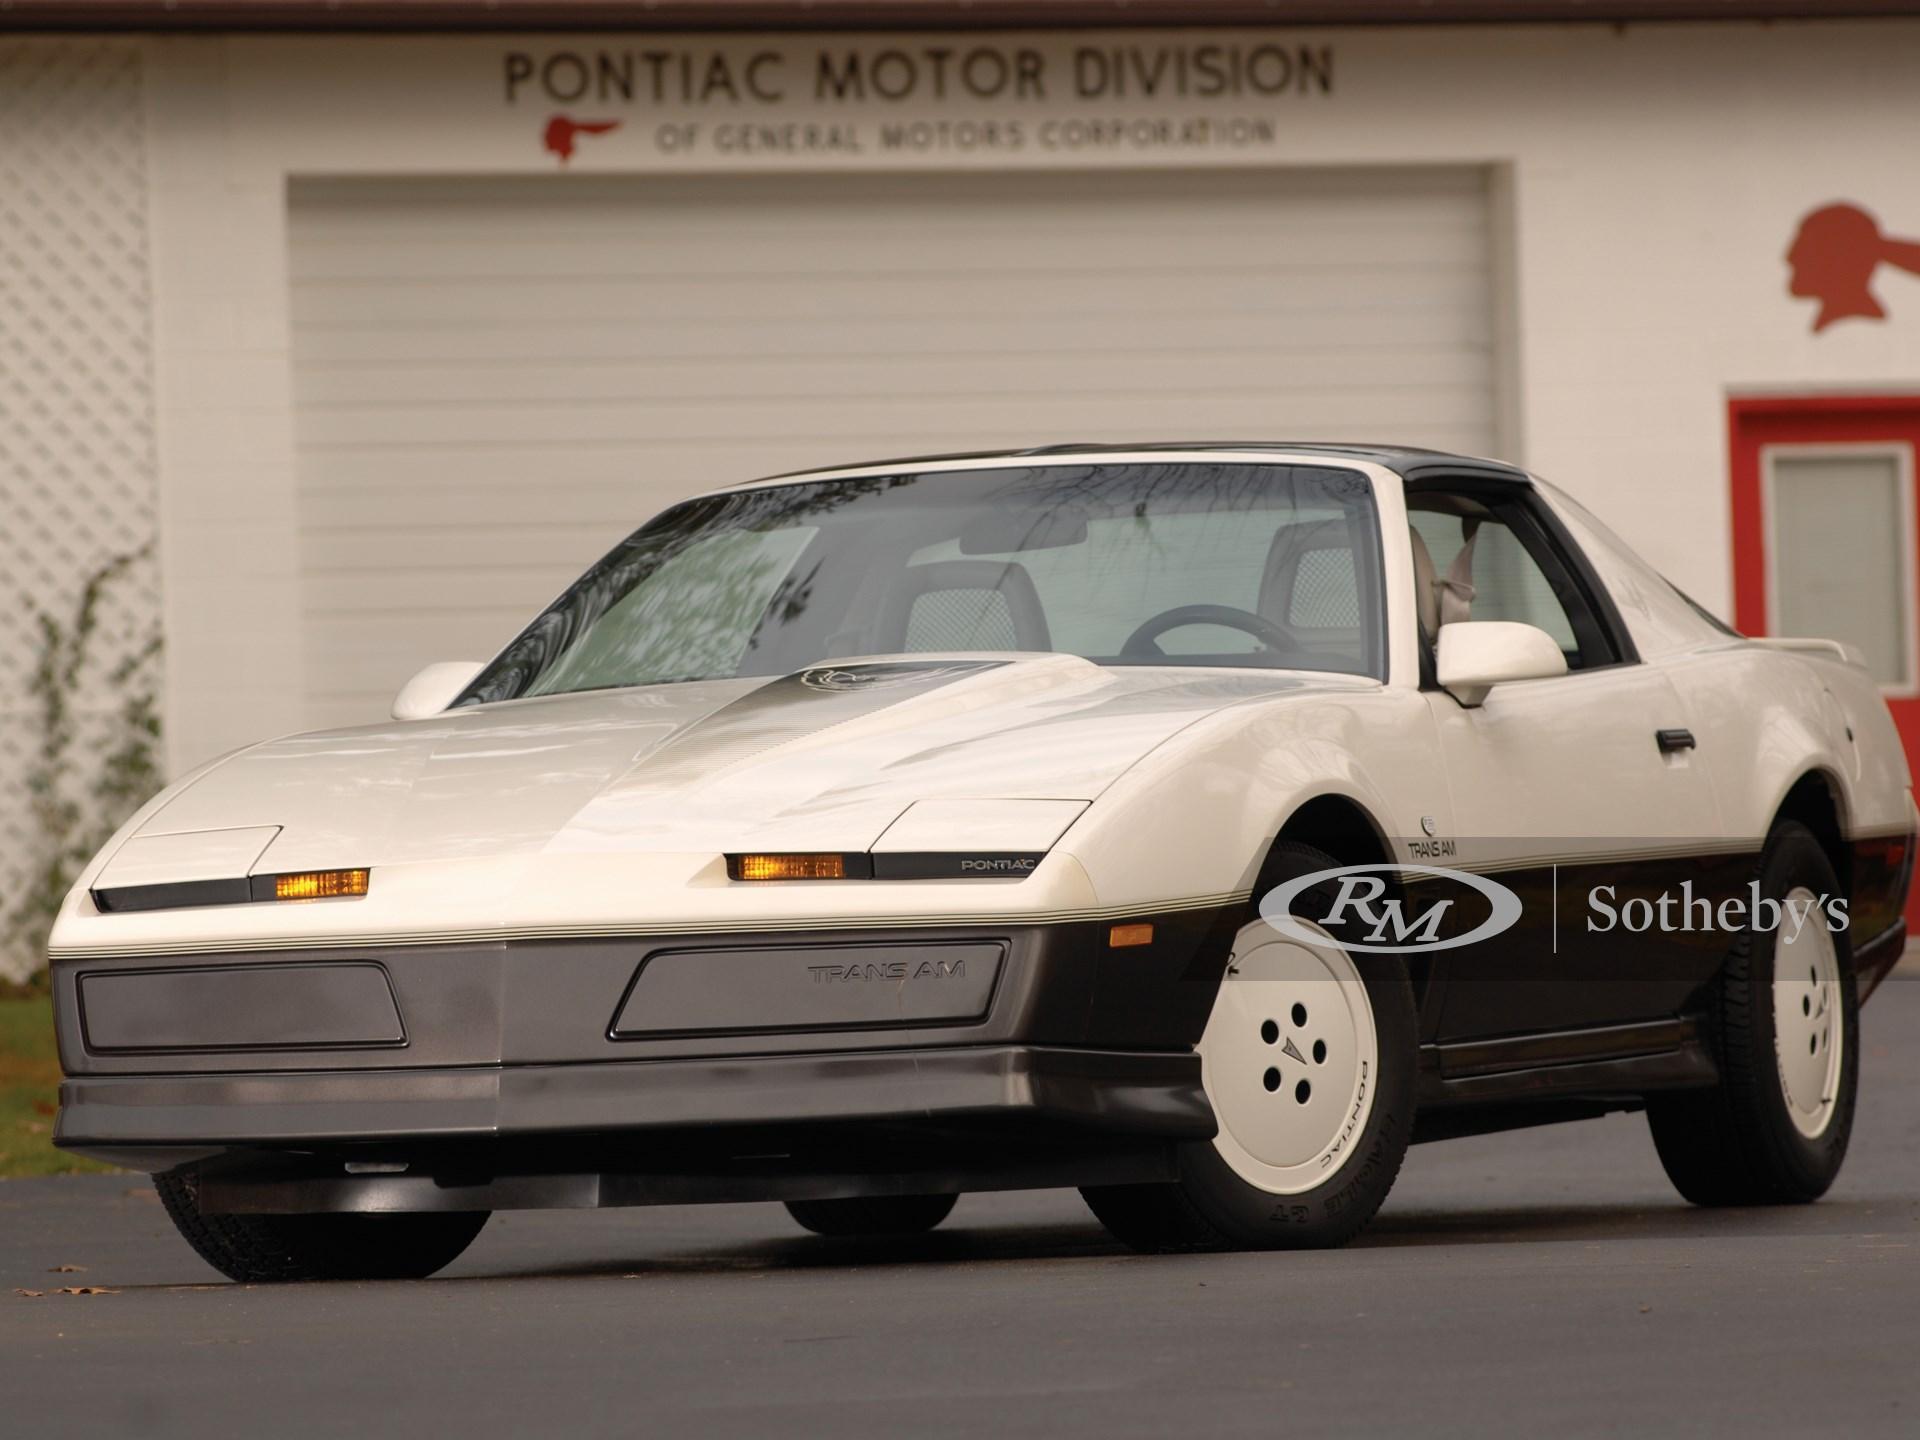 1983 Pontiac Trans Am Daytona 500 25th Anniv. Special Edition